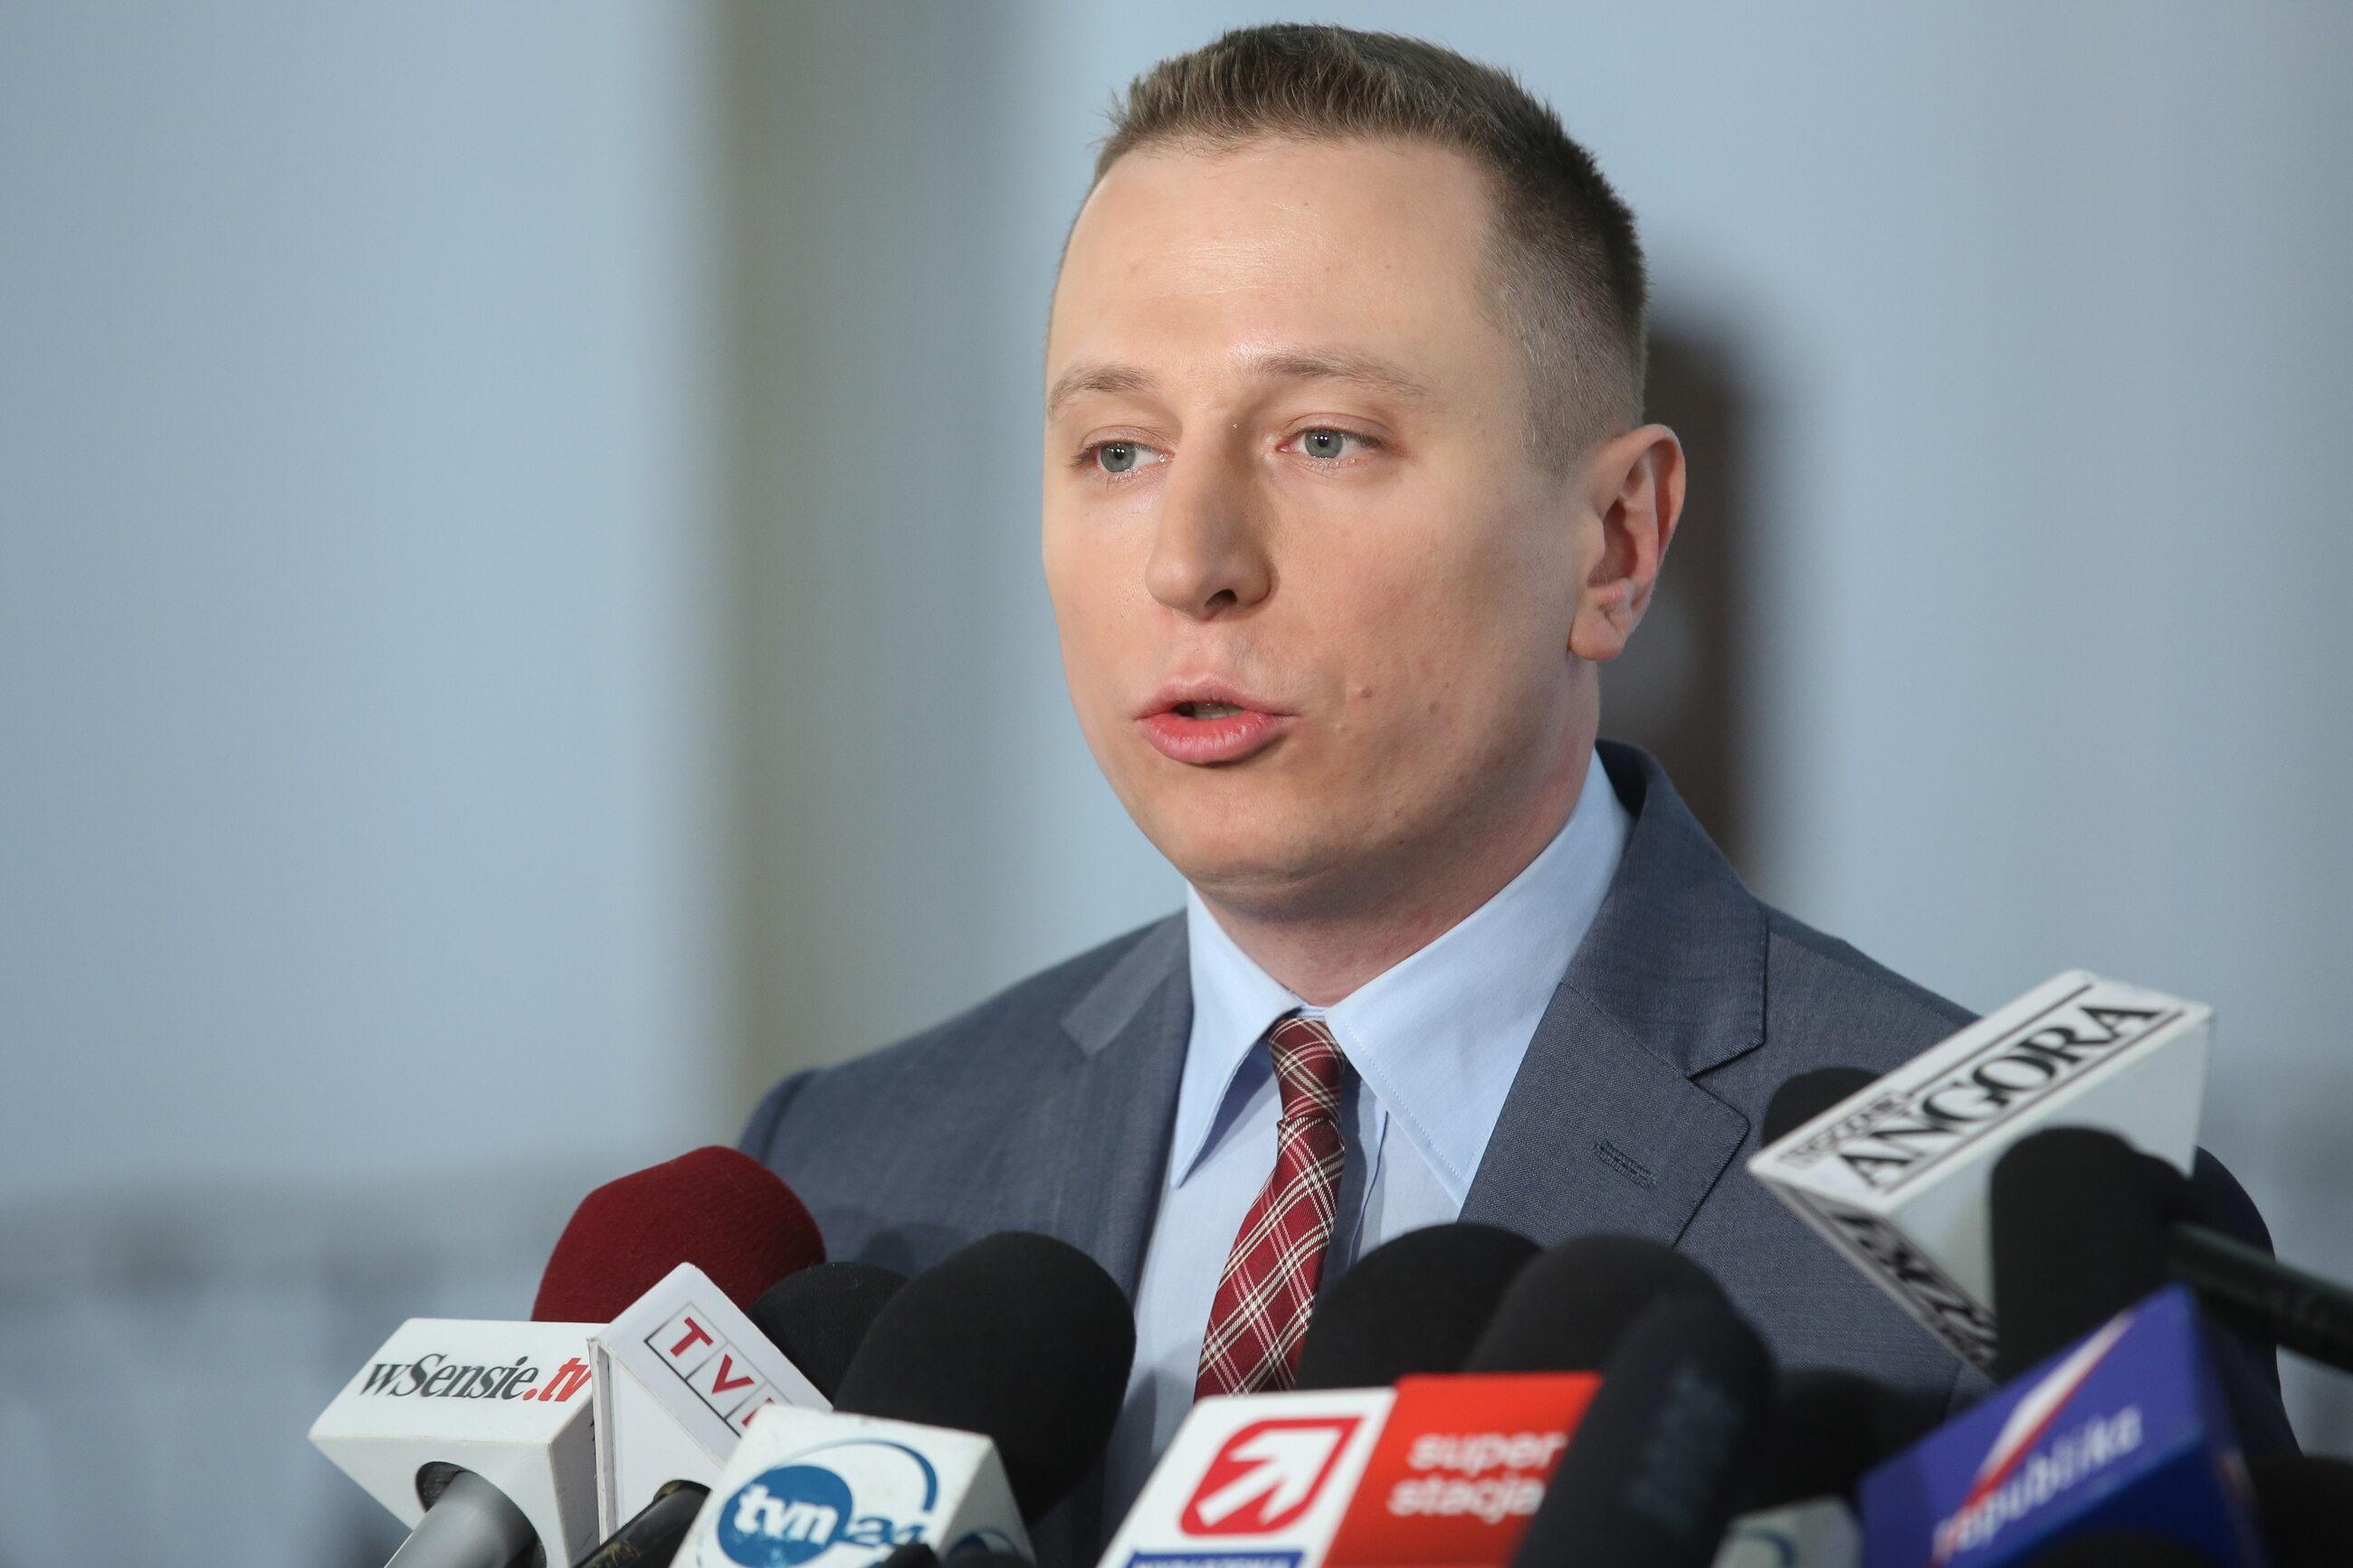 Krzysztof Brejza (PO)